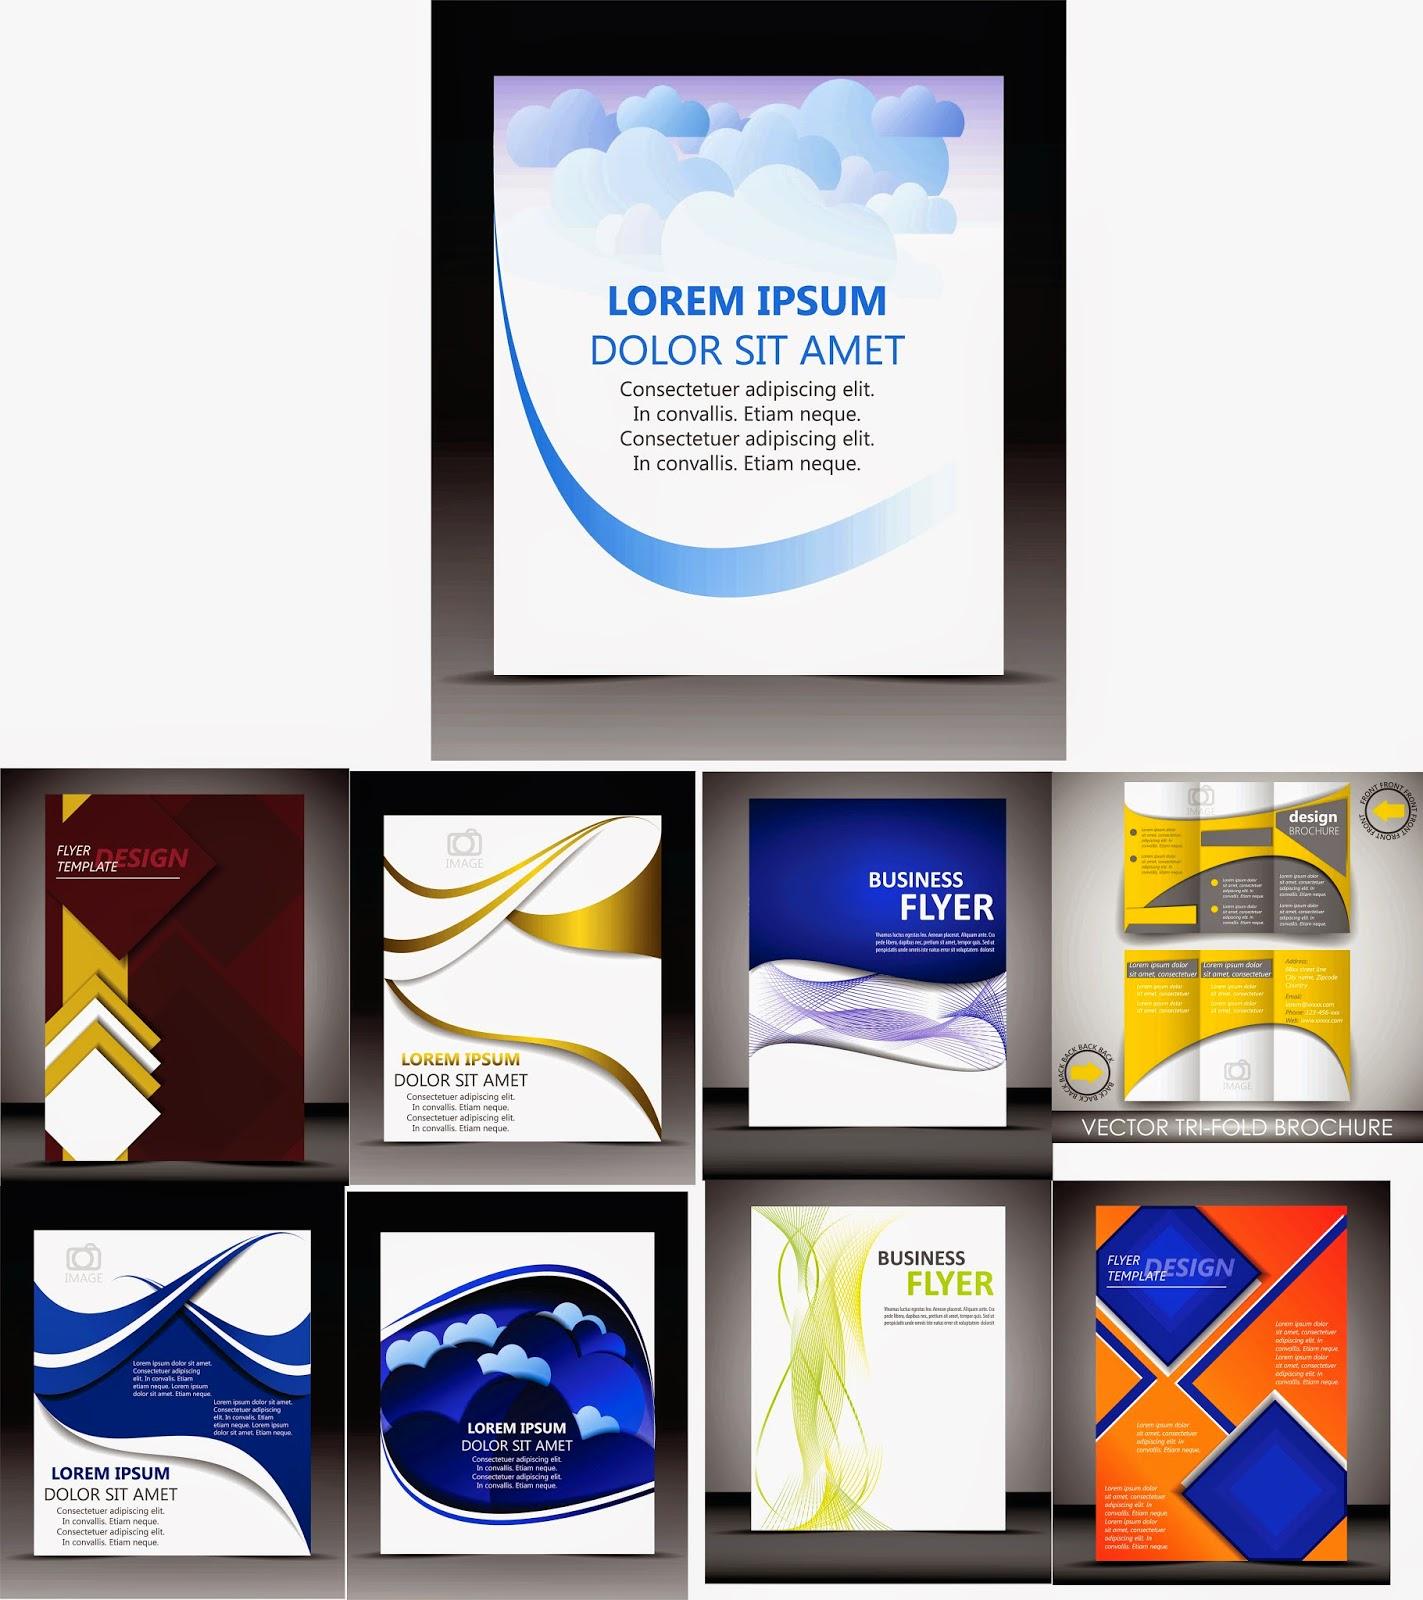 Brochure design cdr file free download for Brochure templates cdr file free download